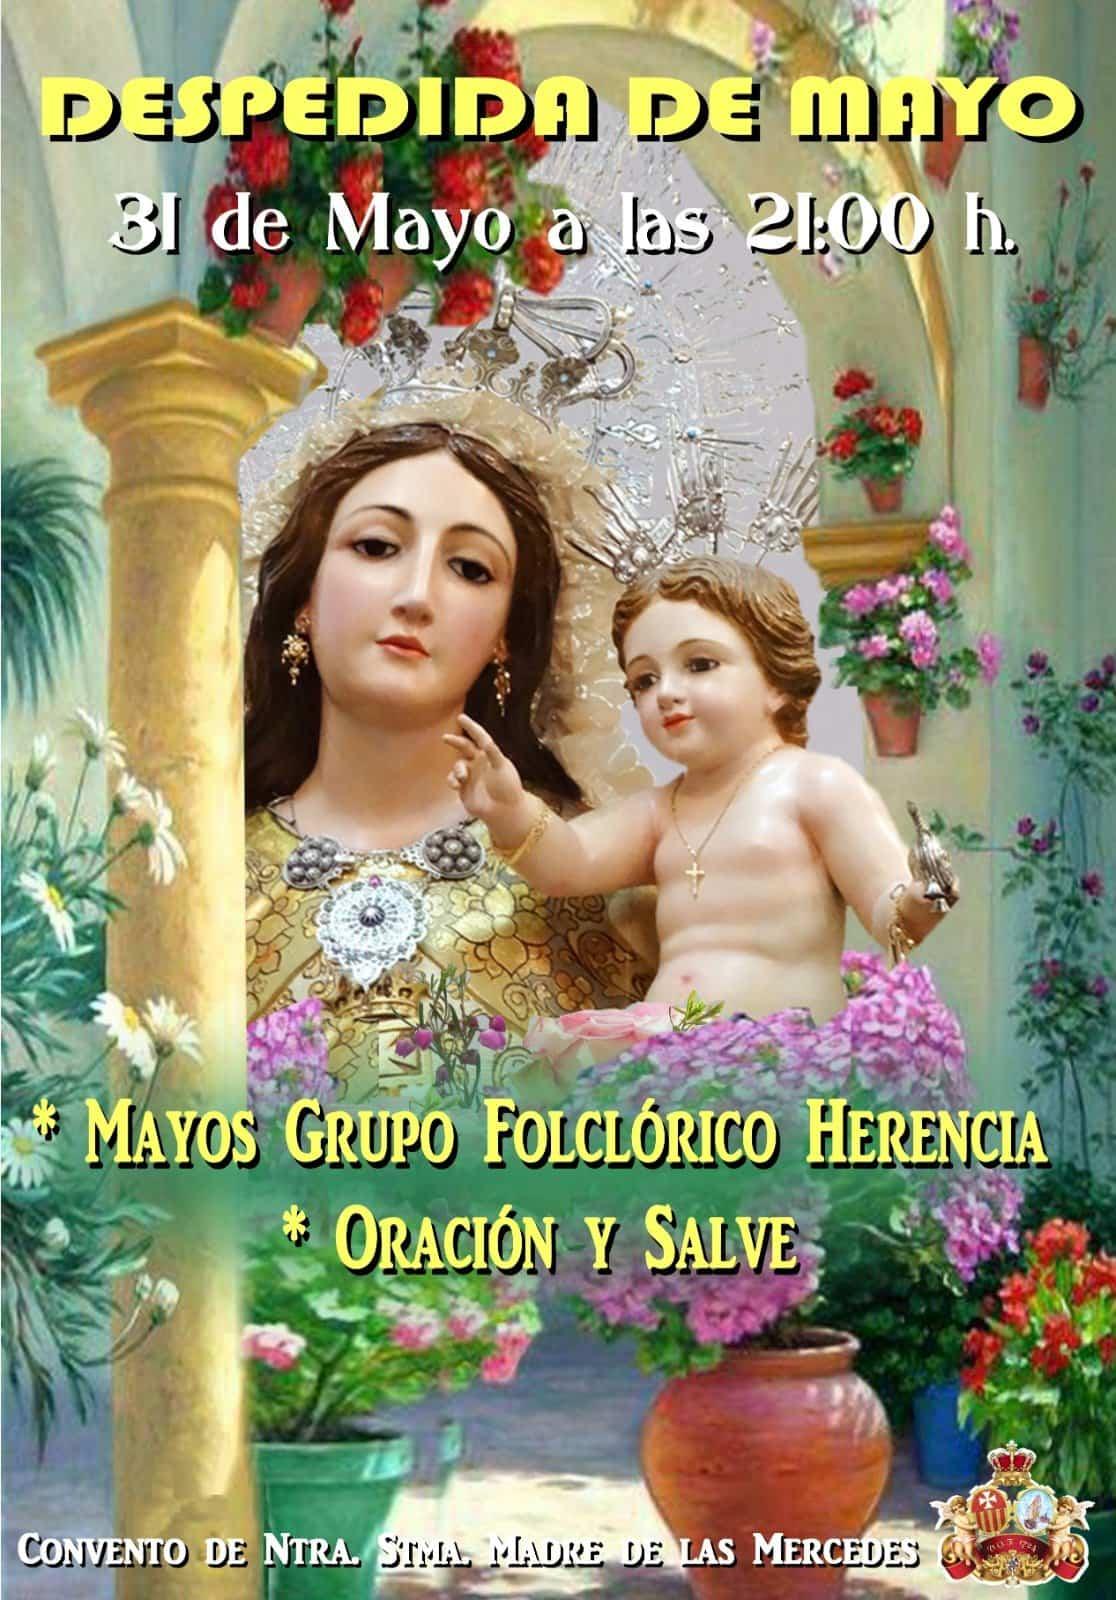 El convento de la Merced despedirá el mes de mayo con el canto de los mayos 3